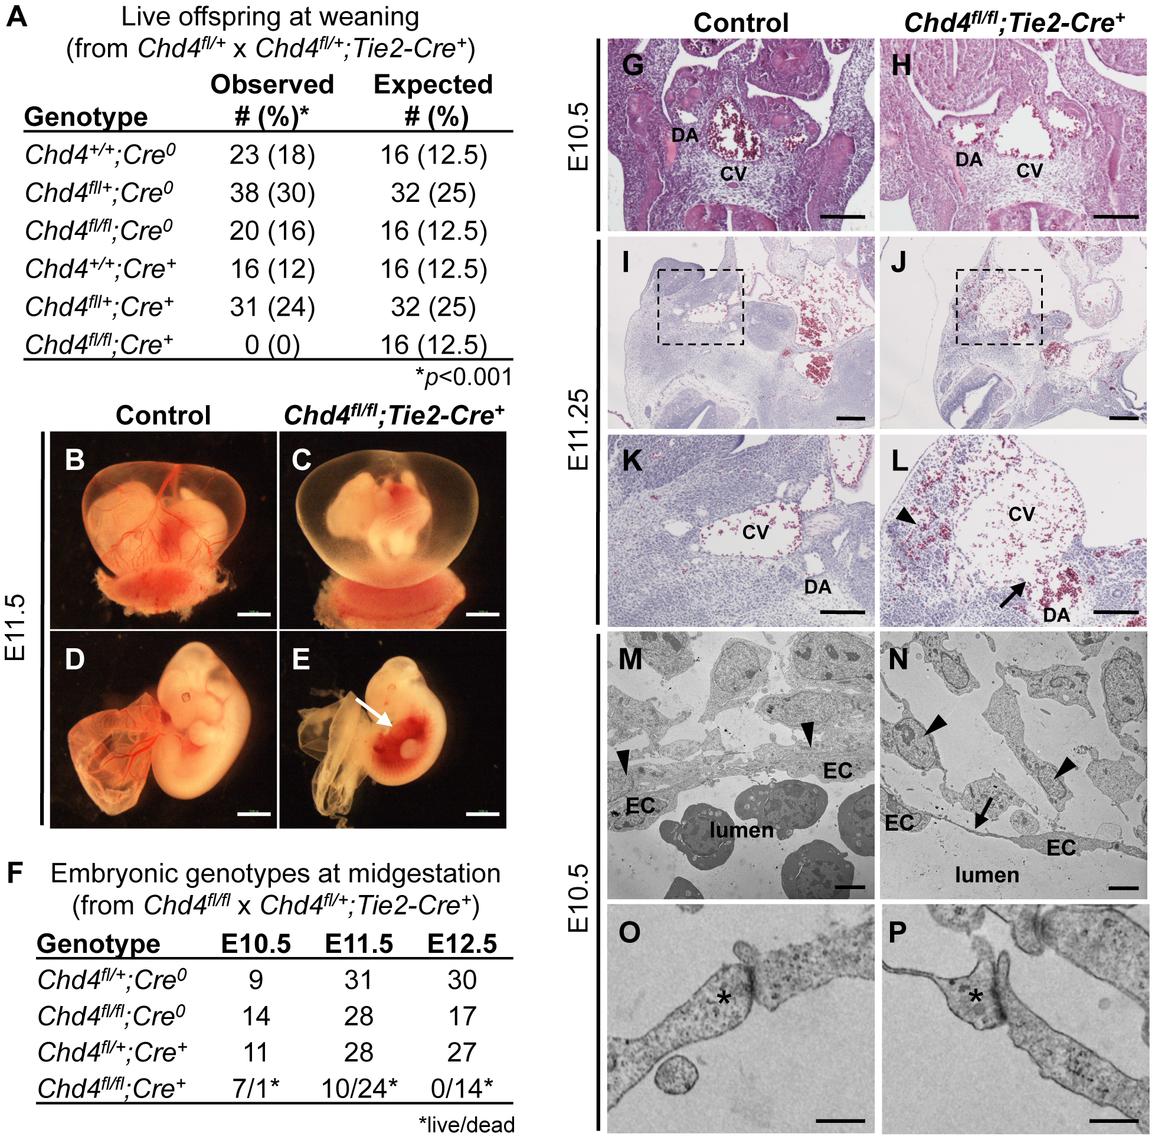 <i>Chd4<sup>fl/fl</sup>;Tie2-Cre<sup>+</sup></i> embryos undergo vascular rupture by E11.25.